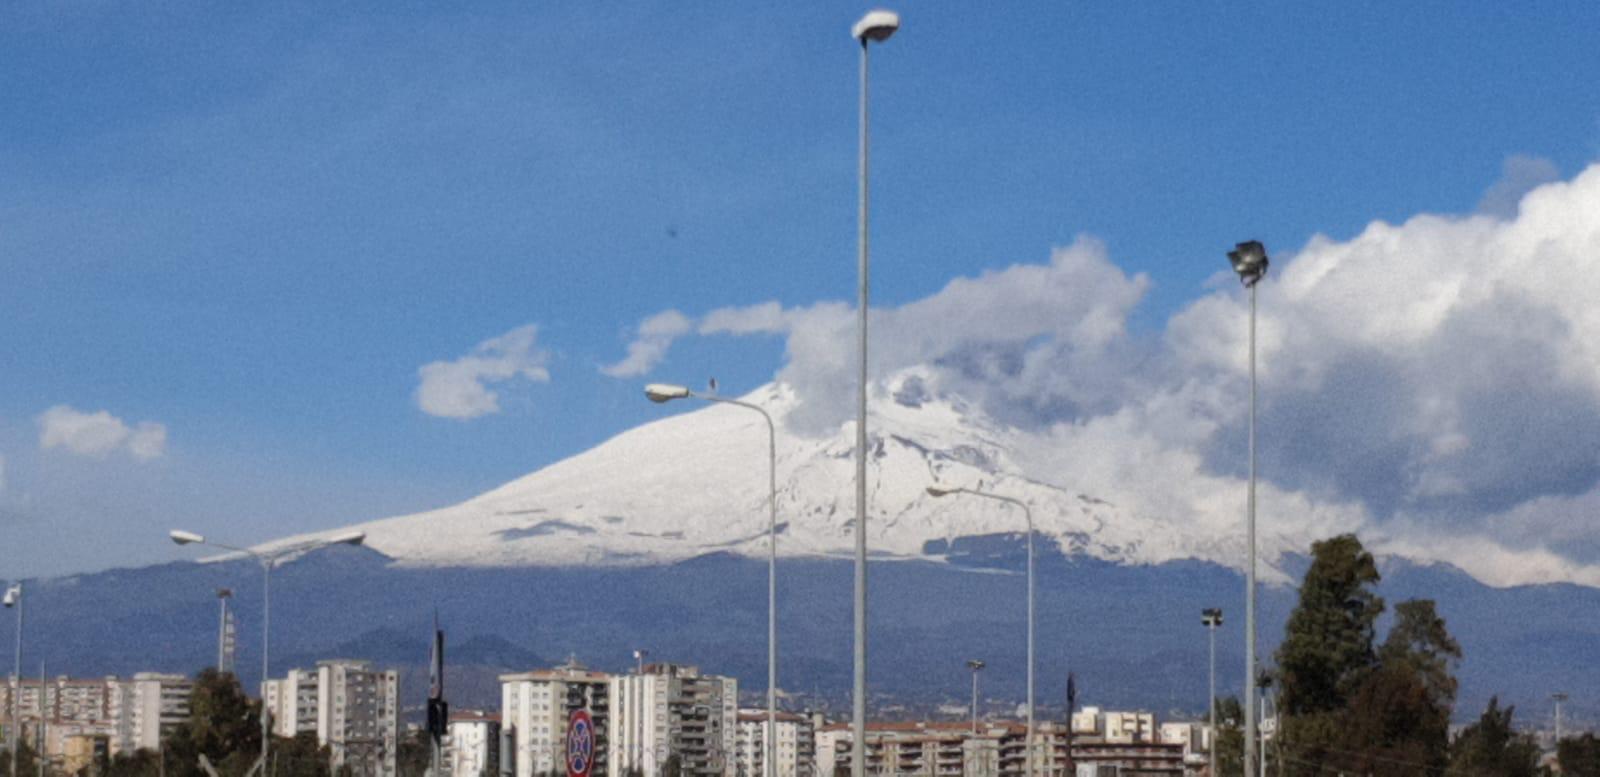 Ancora cenere sull'aeroporto di Catania: scalo chiuso fino a domani alle 11